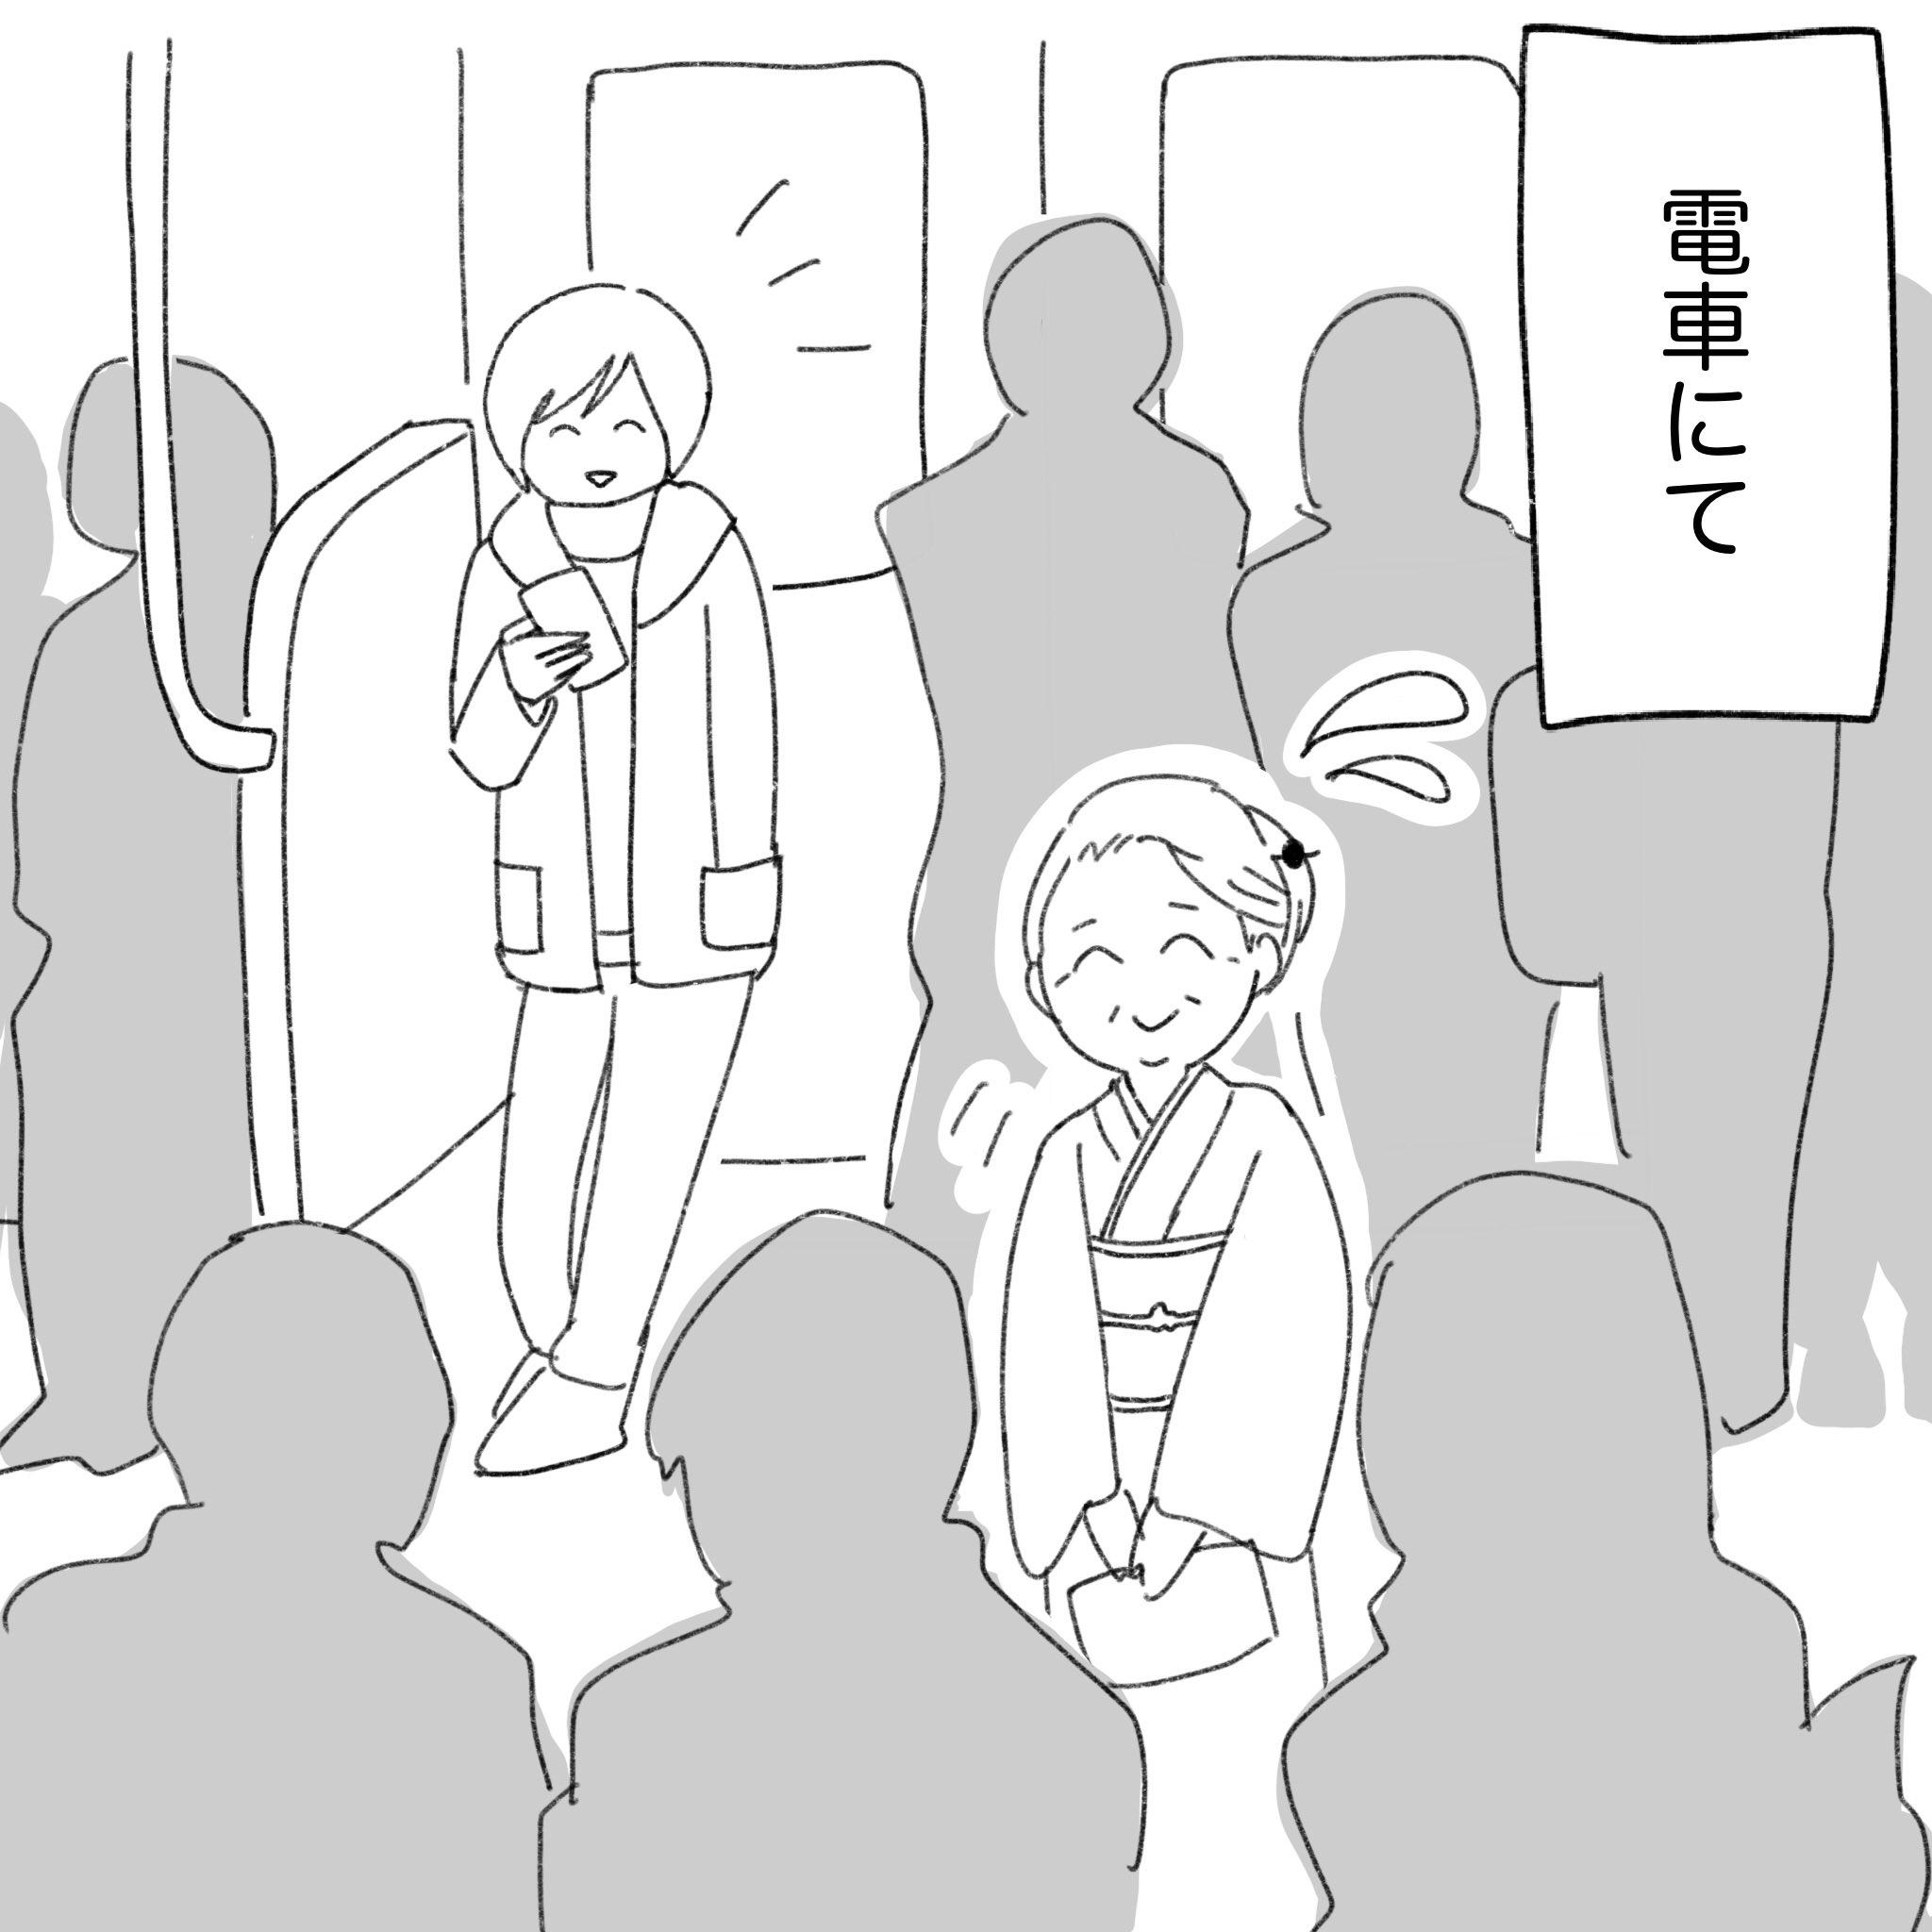 漫画のワンシーン【画像提供:ふじっぴ(@genkinibocchi)さん】